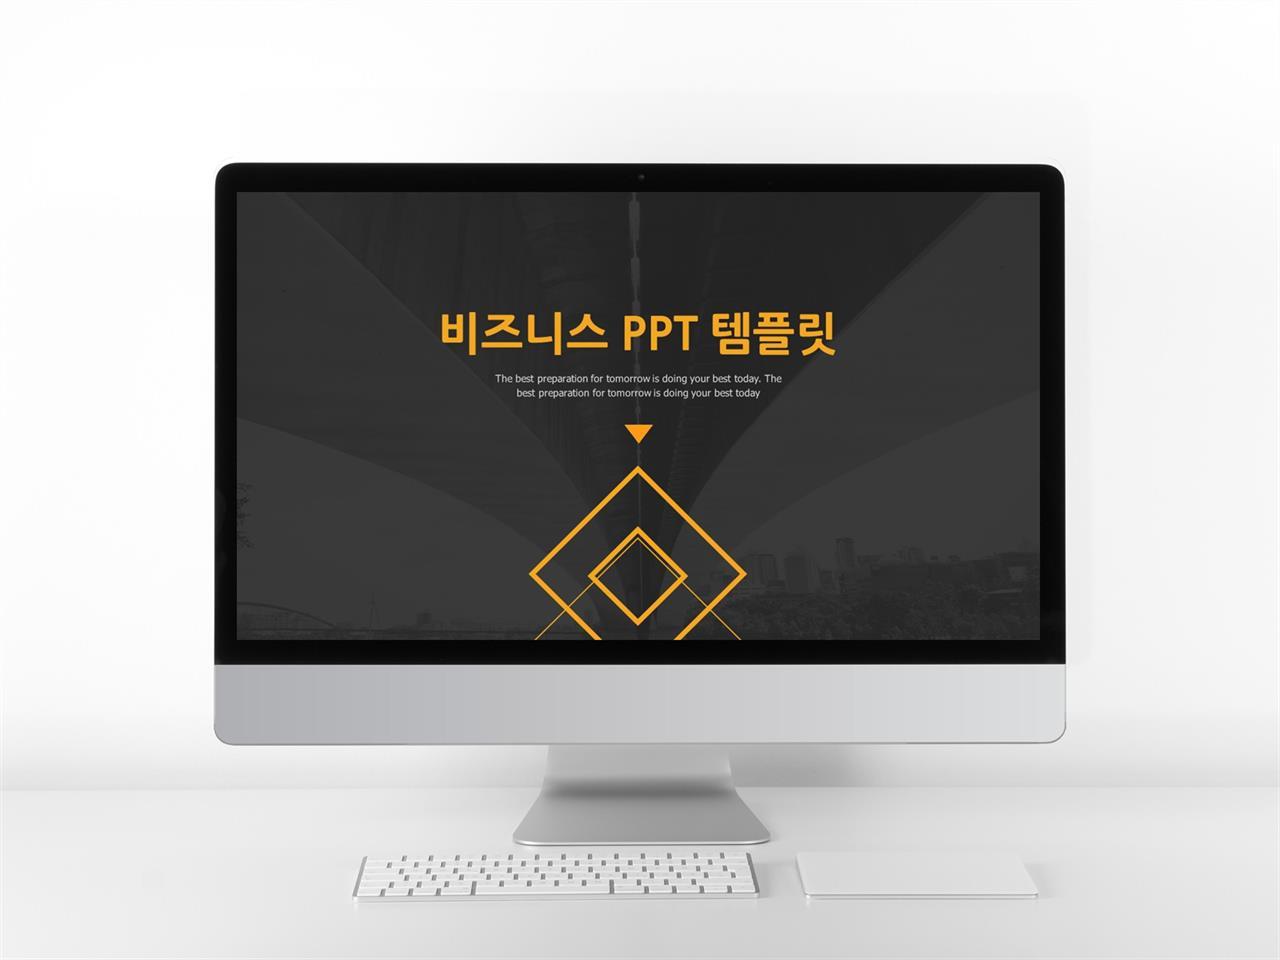 금융투자 노란색 어두운 프레젠테이션 PPT서식 만들기 미리보기